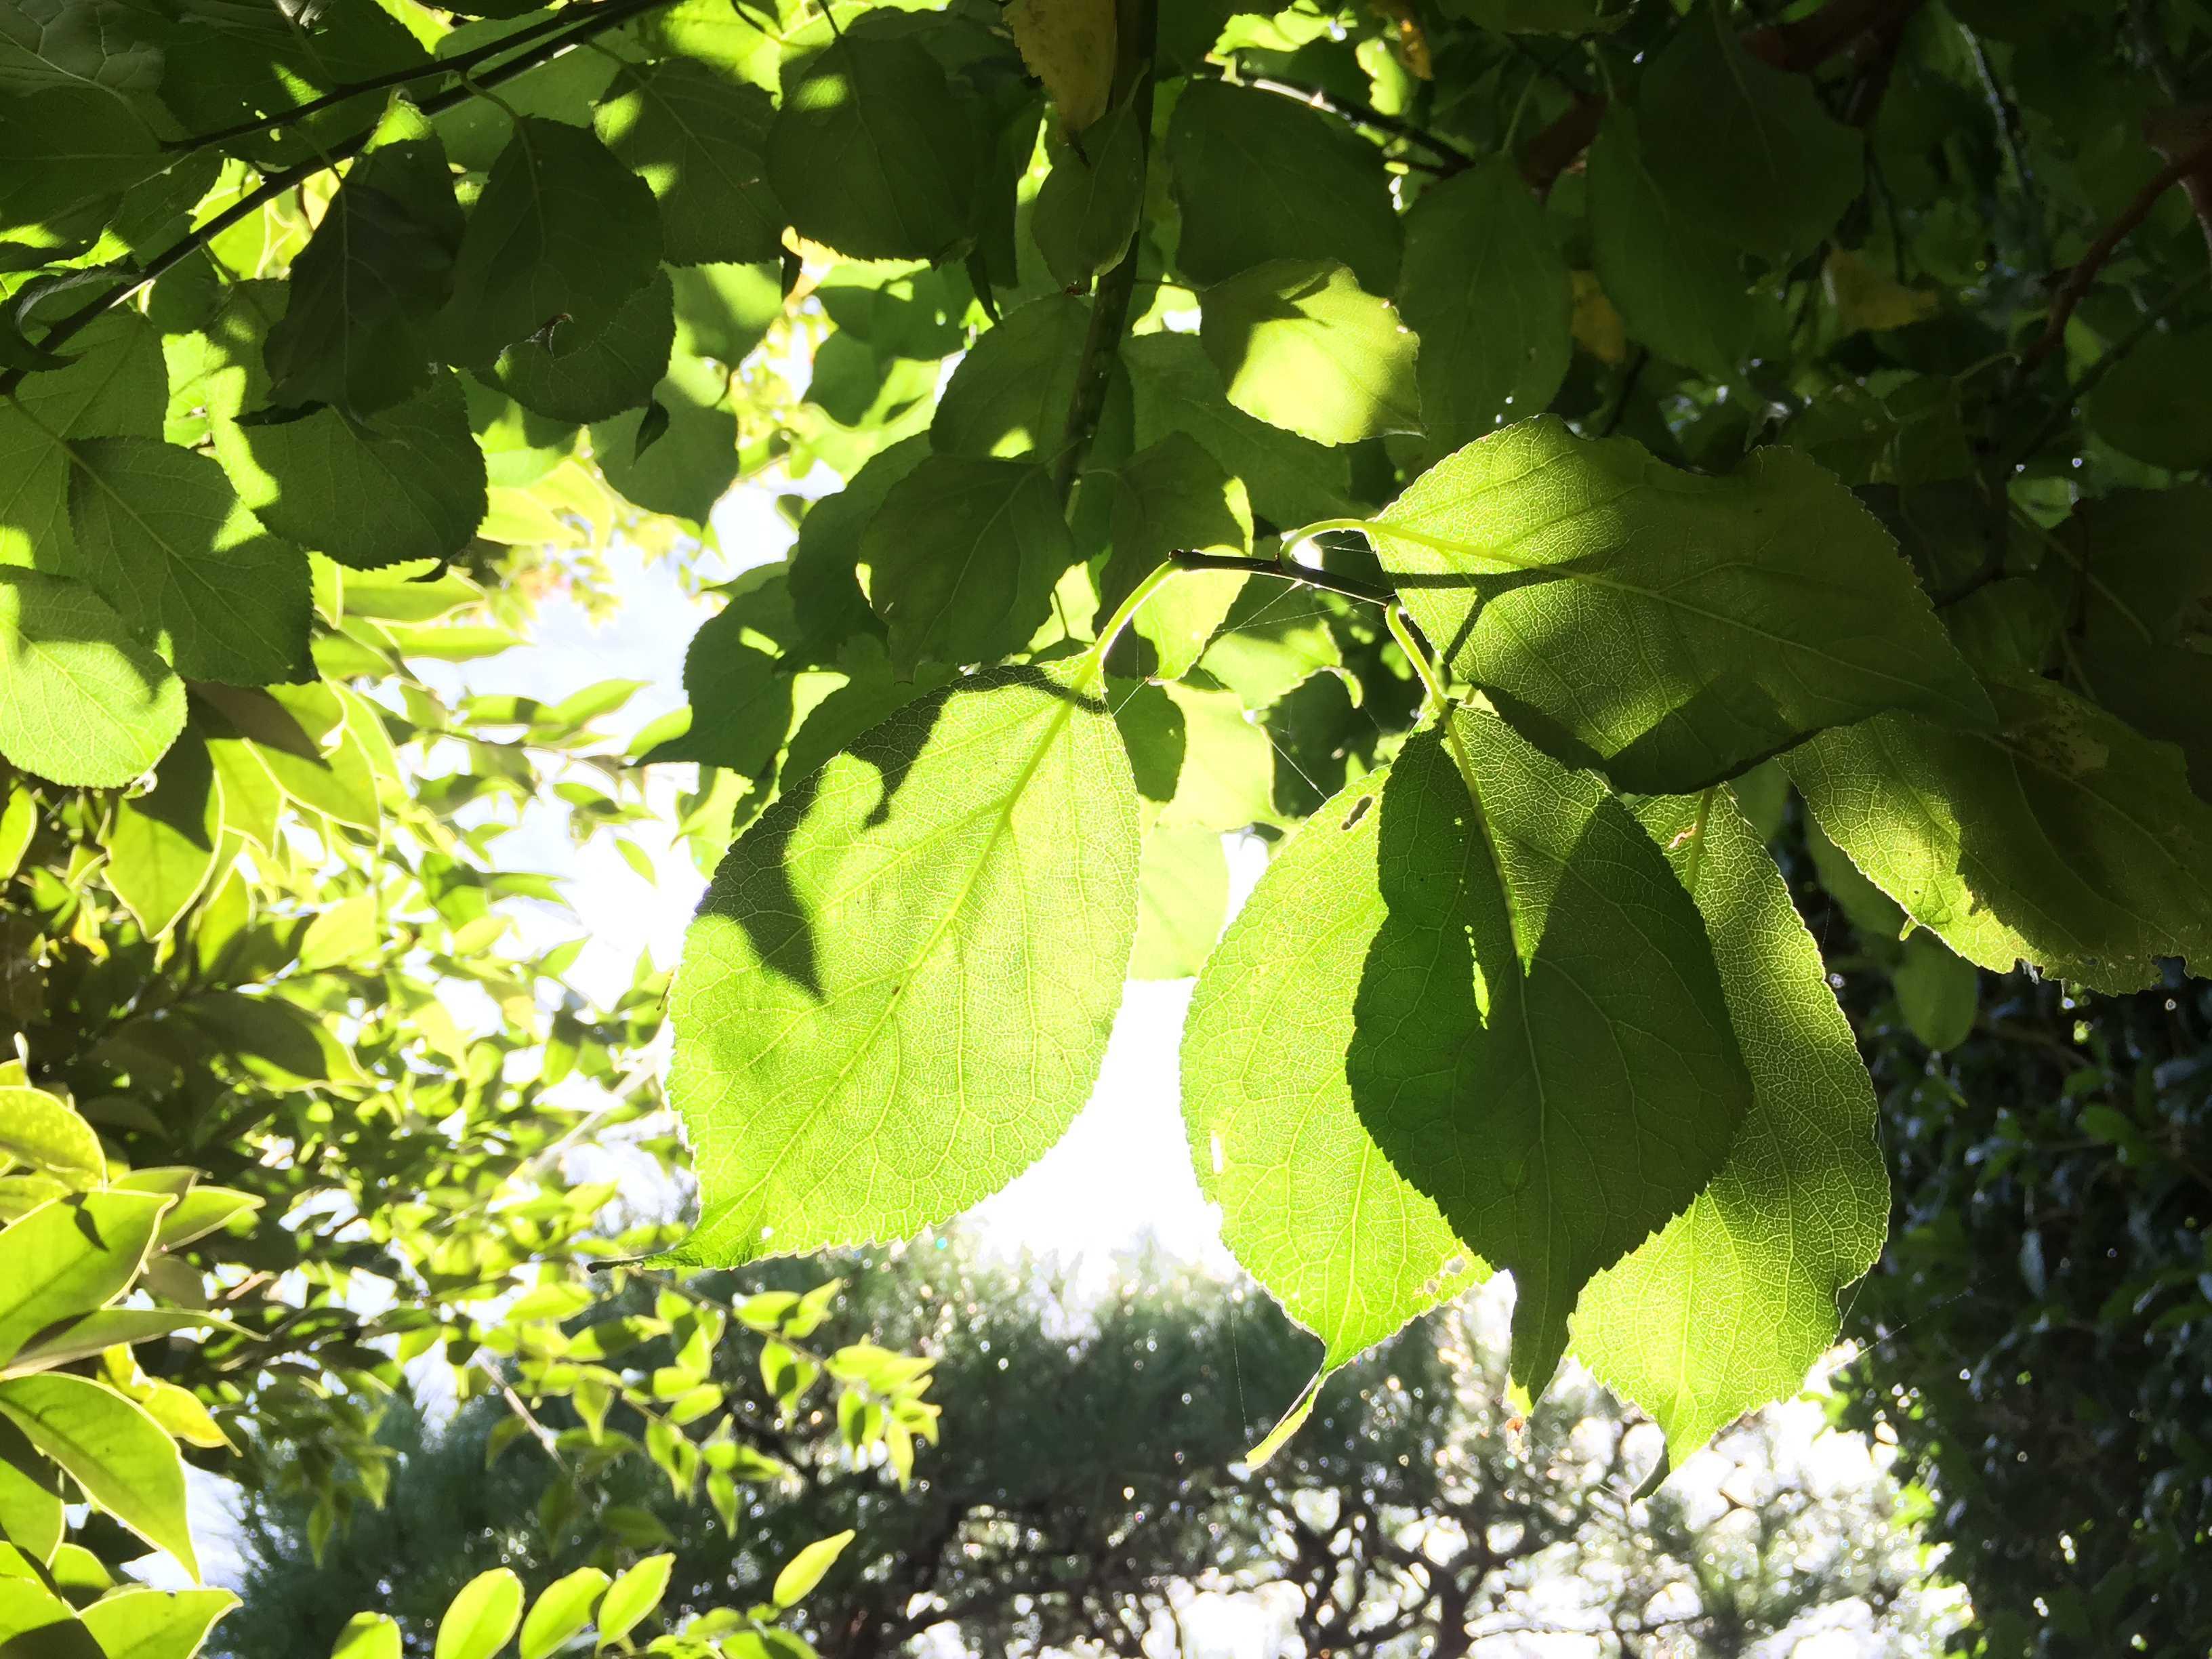 夏の終わり。光り輝く鮮やかなグリーン